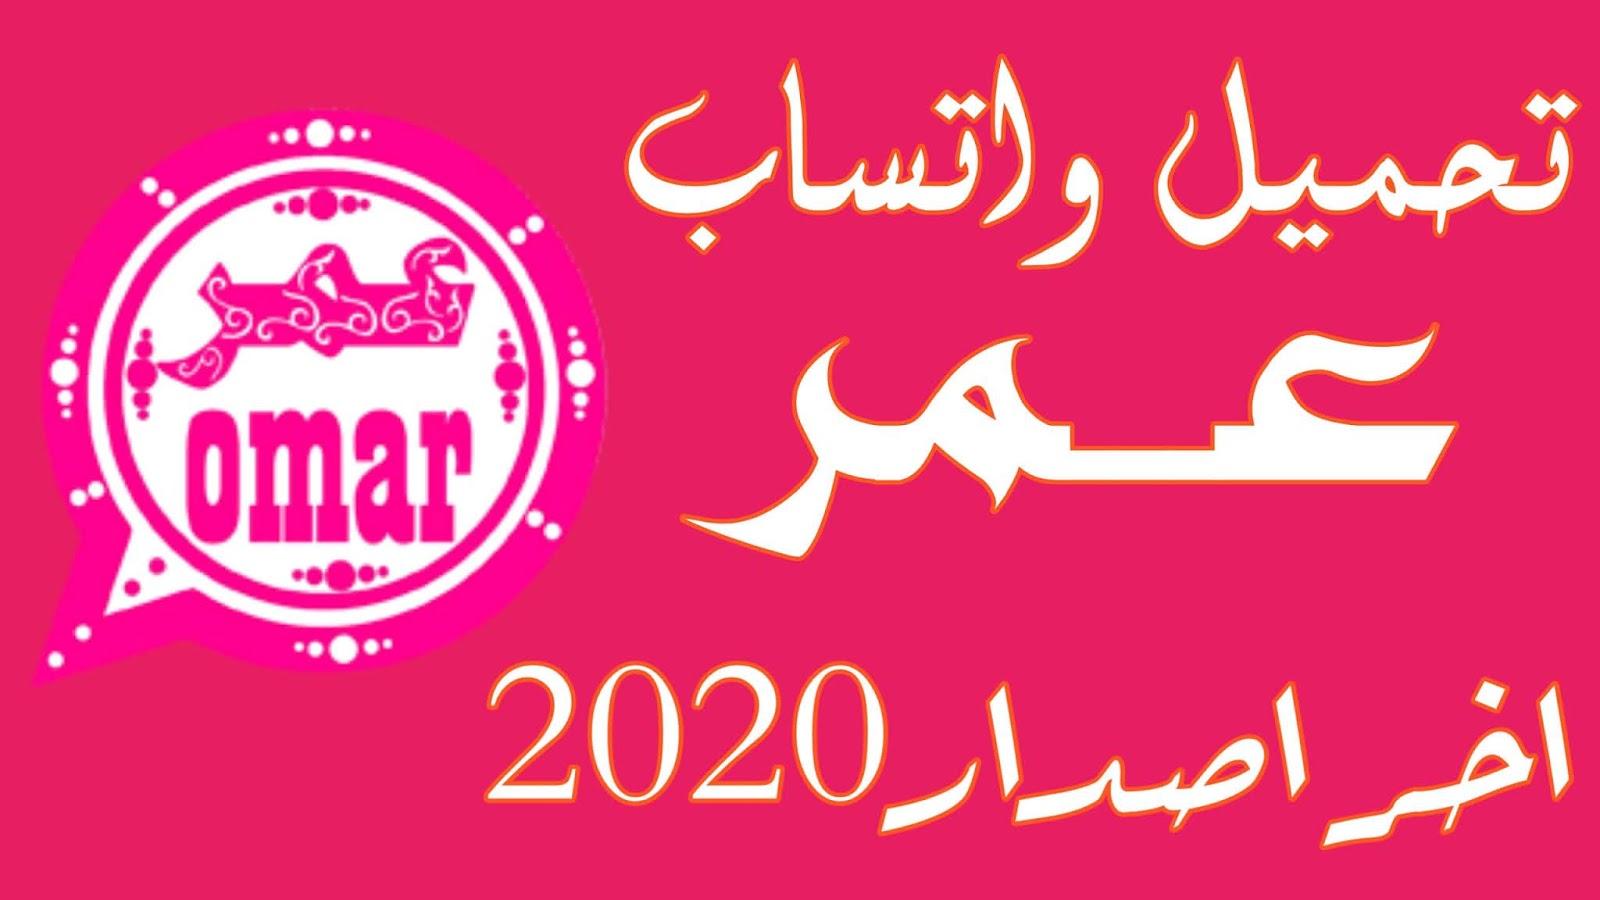 واتساب عمر الوردي 2020 apkpure